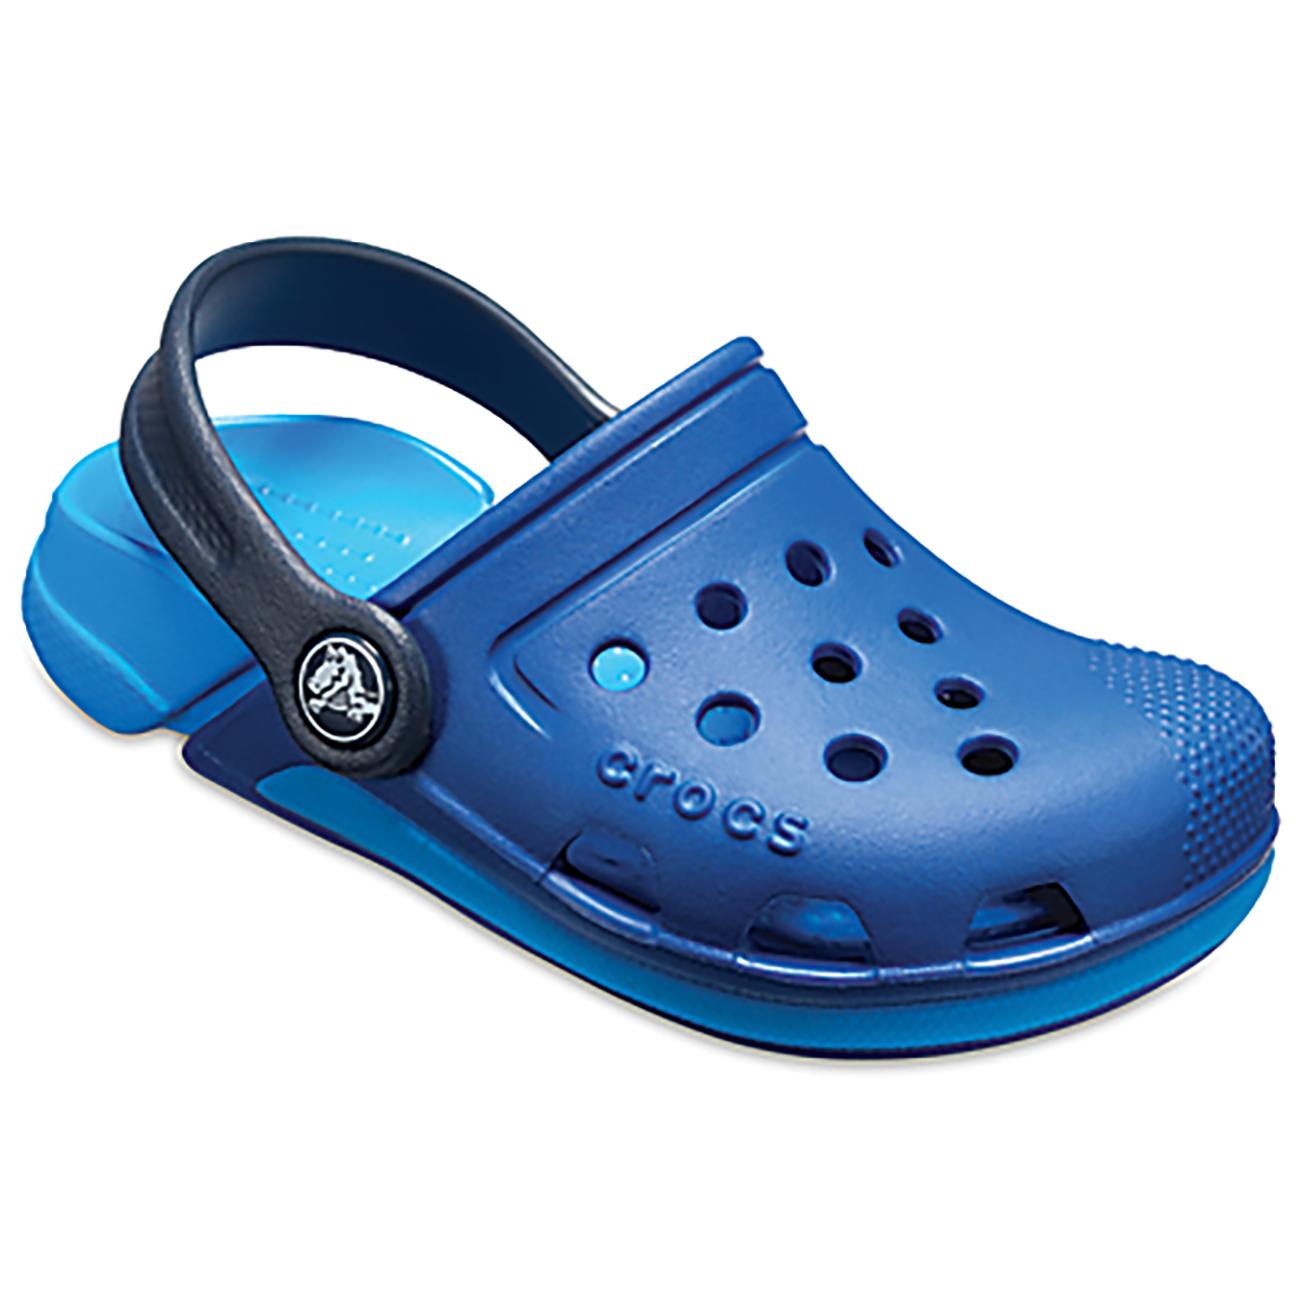 Unisex Kids Crocs Electro III Clog